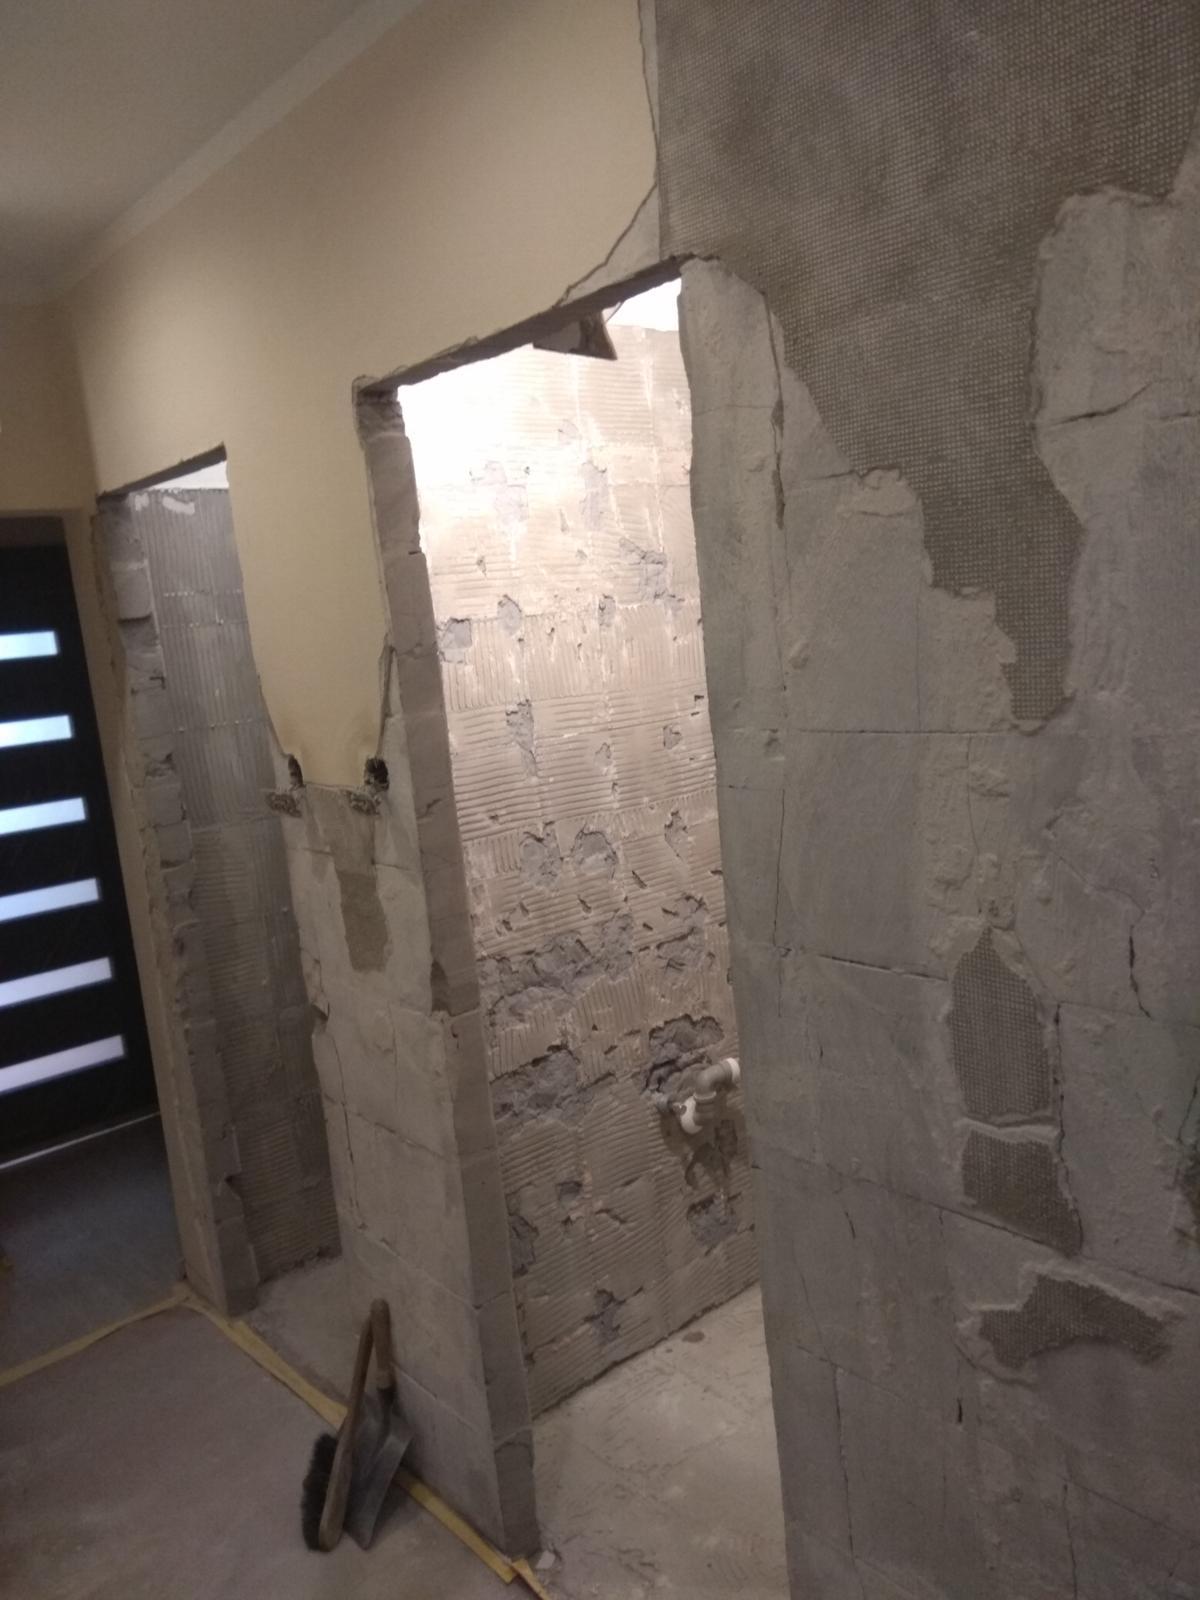 Prerábka panelákovej kúpelne a wc - Omietka na chodbe bola kvalitne urobená, odpadla skoro celá...